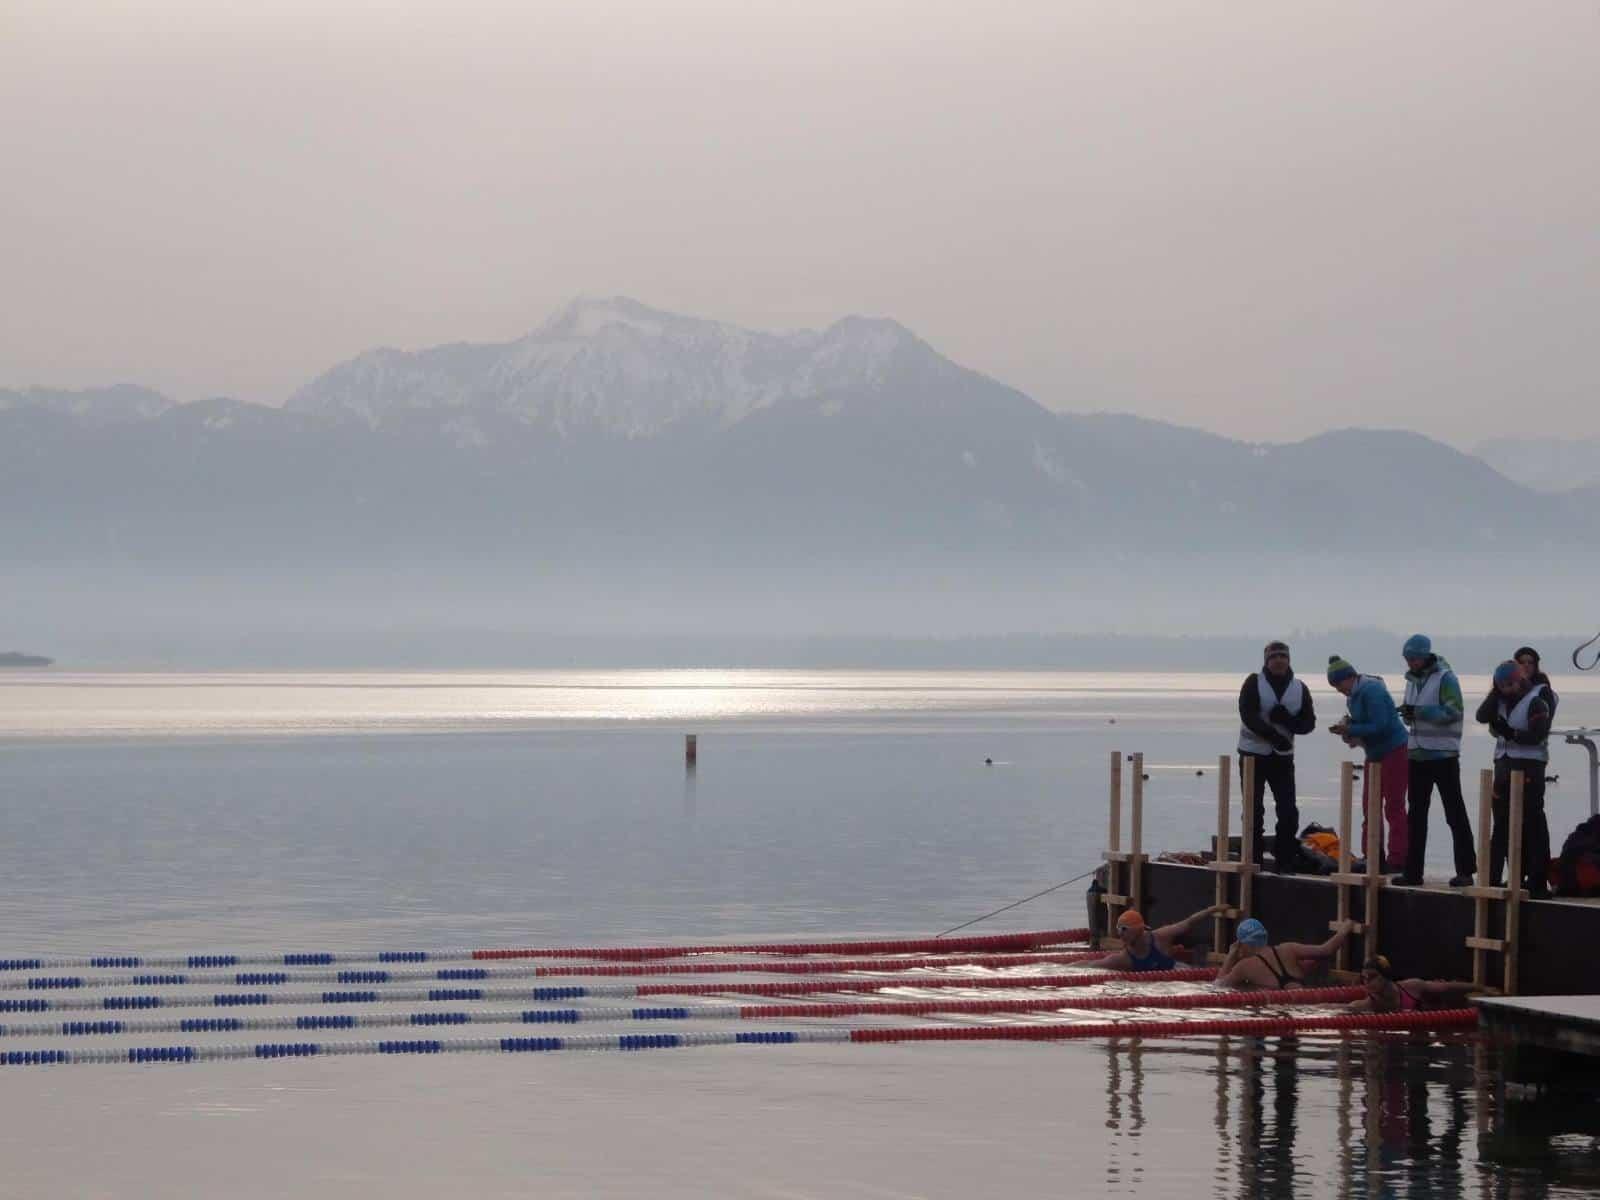 Kaltes Wasser im Chiemsee? Kein Problem für die Eisschwimmer bei Eiskönig in Prien.